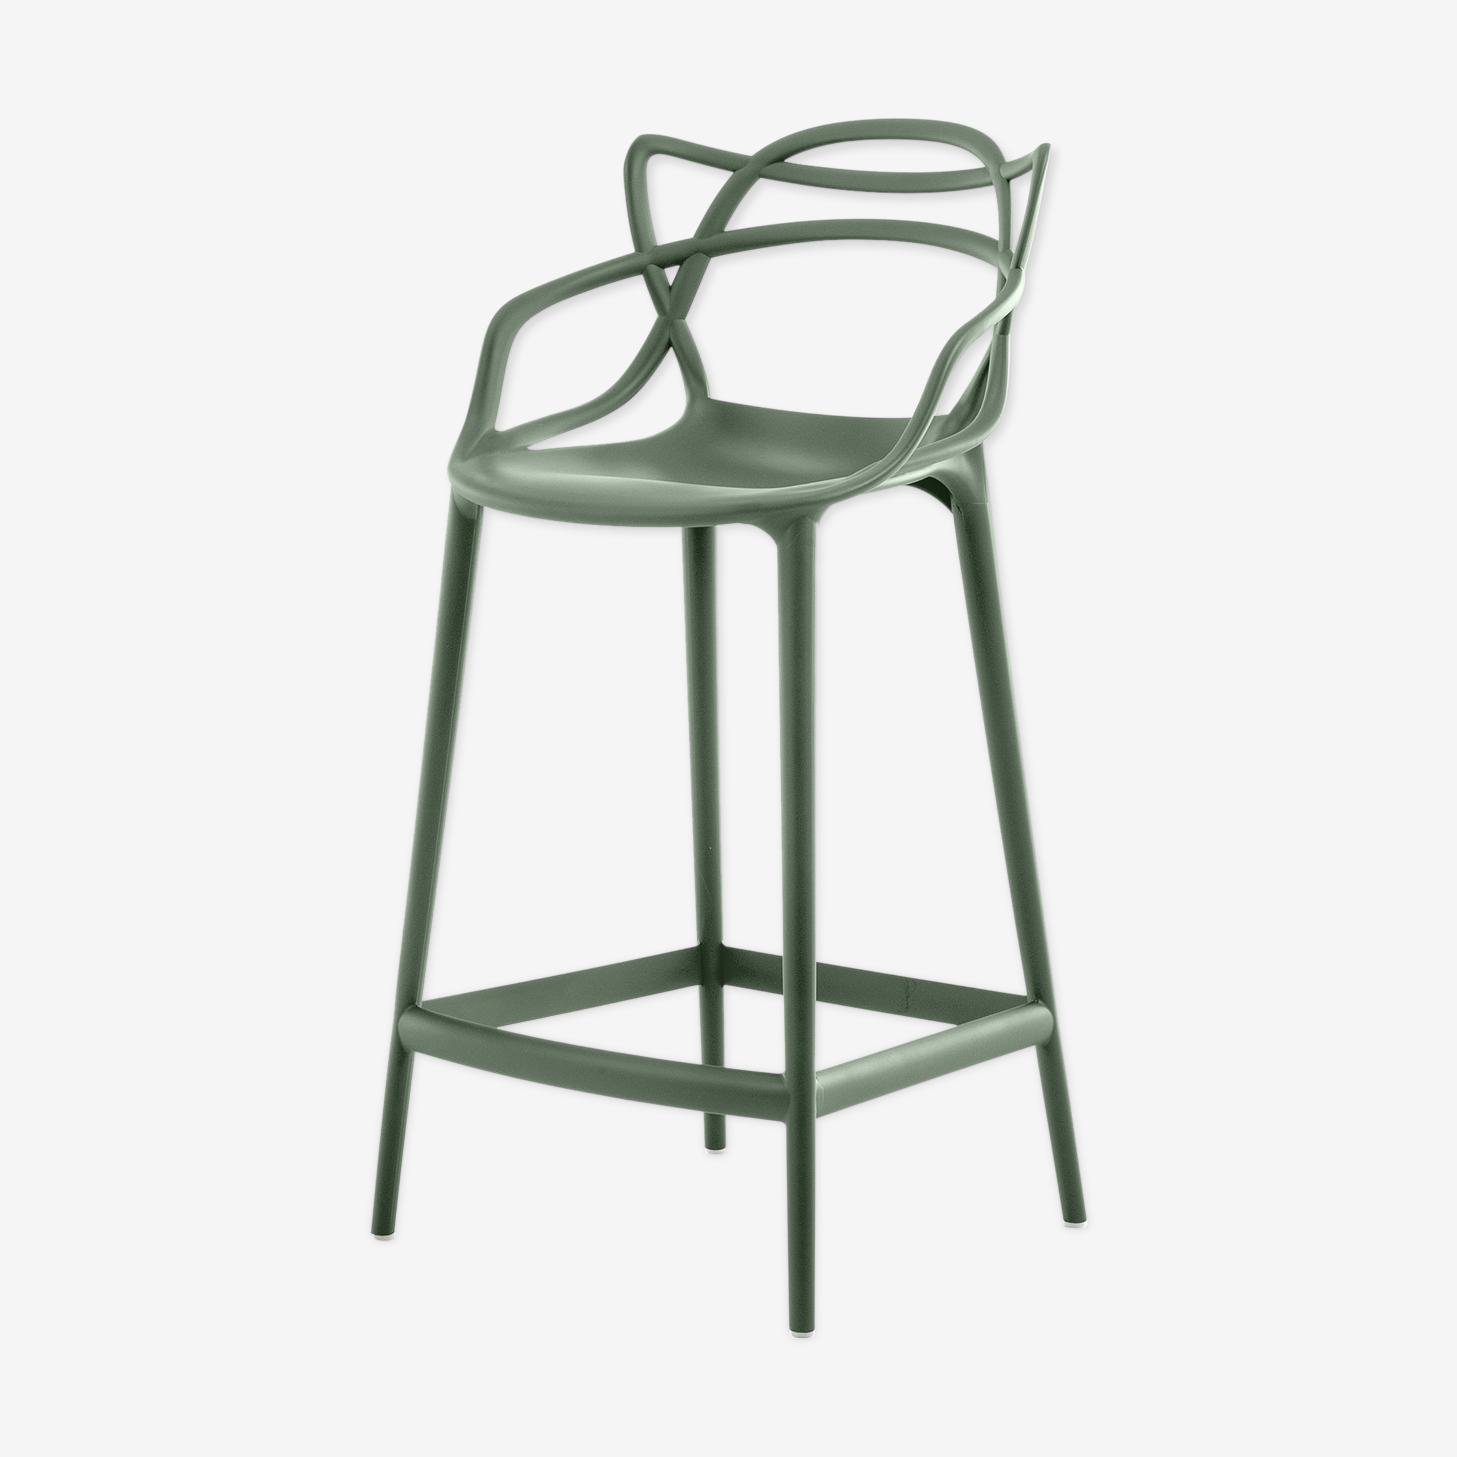 Chaise Masters Par Philippe Starck Eugeni Quitllet Plastique